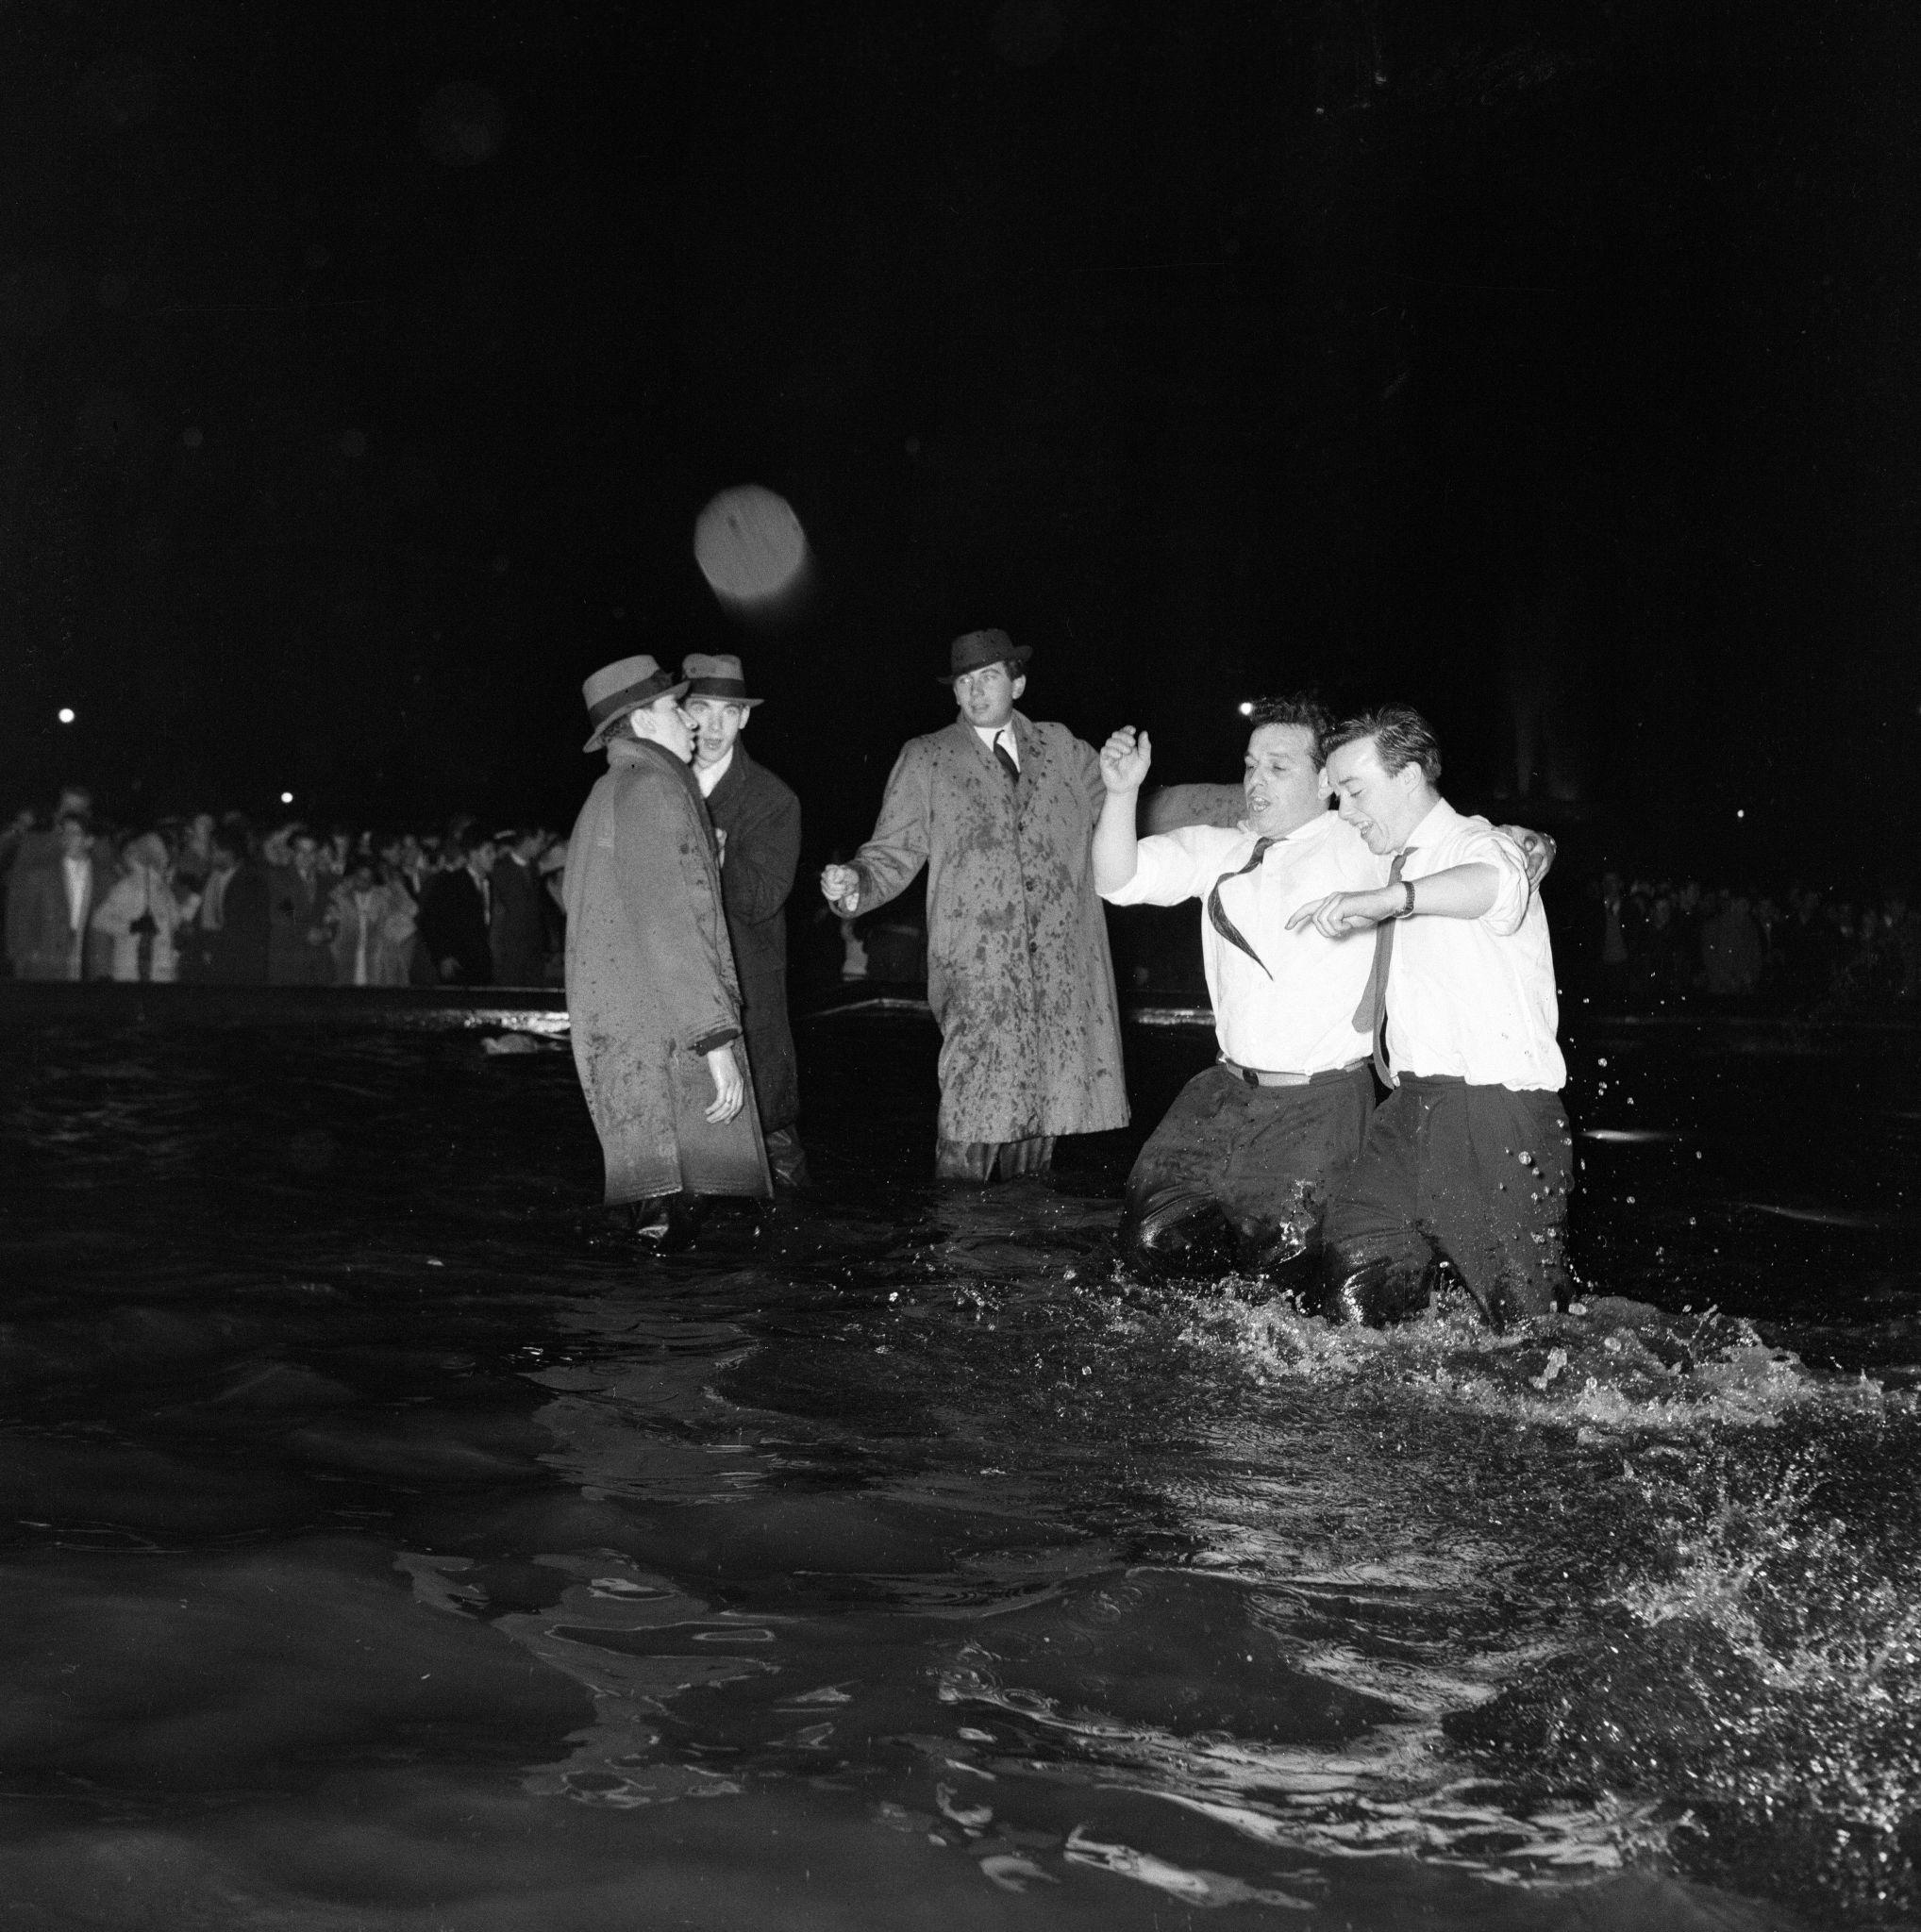 1960. Трафальгарская площадь.Тысячи людей собрались на площади, и многие пошли к фонтану, чтобы отпраздновать это Новый Год, 1 января.jpg